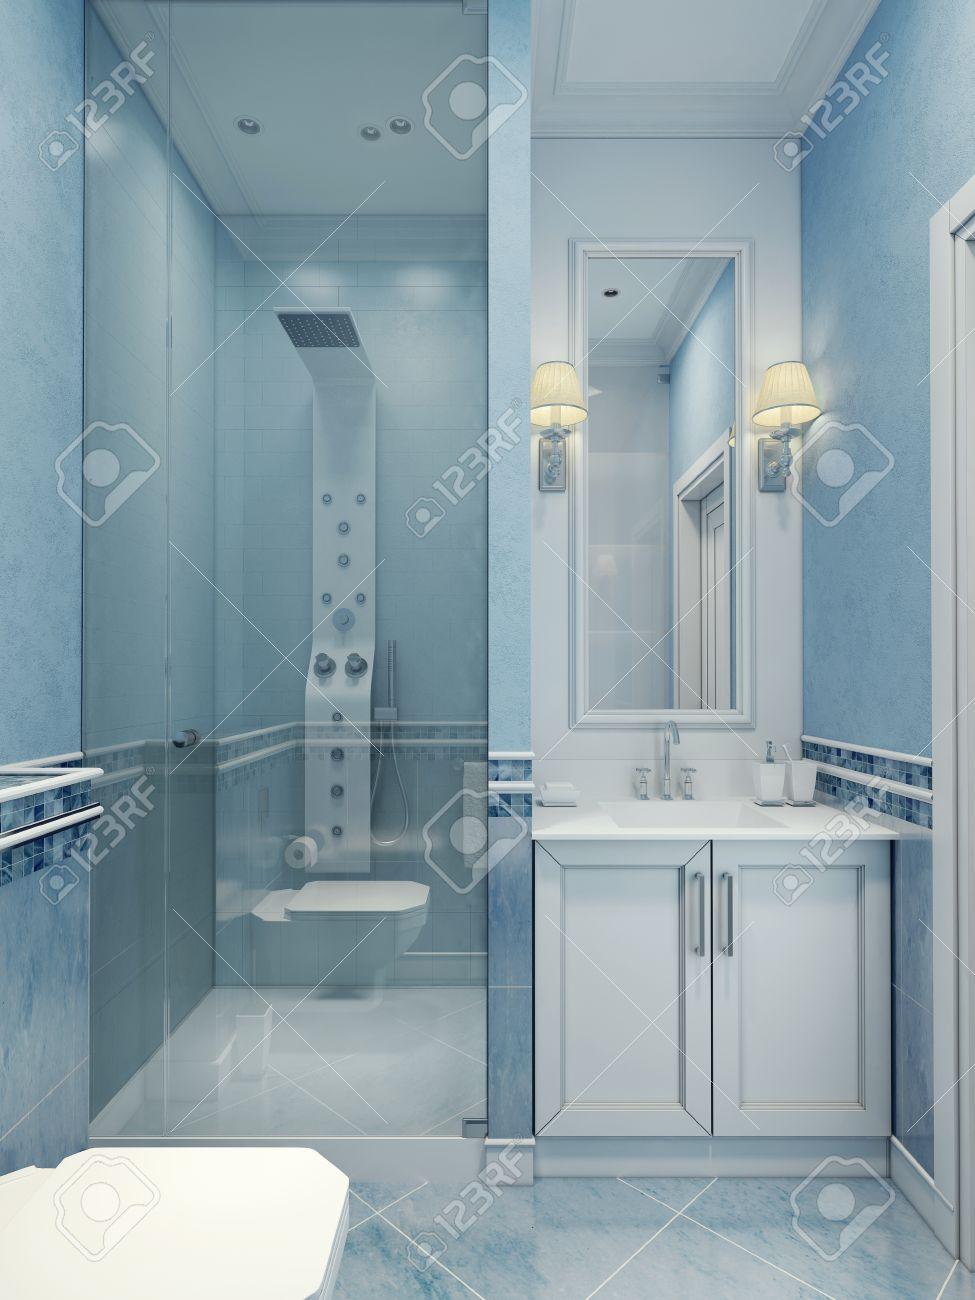 progettazione di bagno moderno blu. la combinazione di colori ... - Colori Bagno Moderno